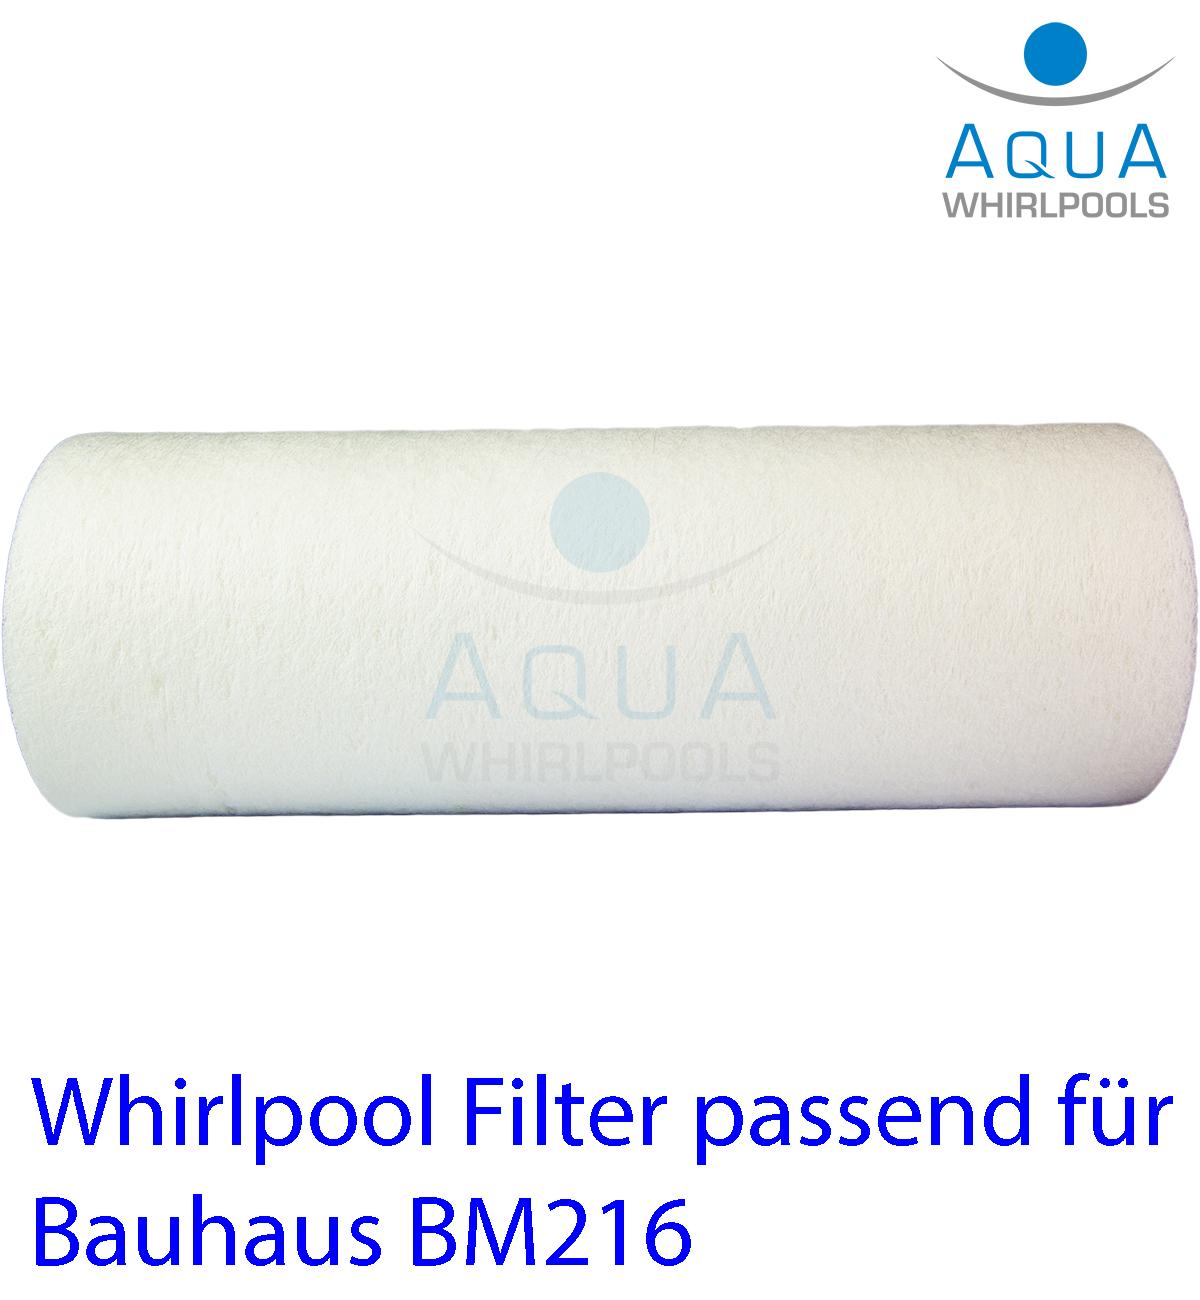 Full Size of Whirlpool Bauhaus Filter Passend Fr Bm216 Blog Aqua Whirlpools Garten Aufblasbar Fenster Wohnzimmer Whirlpool Bauhaus